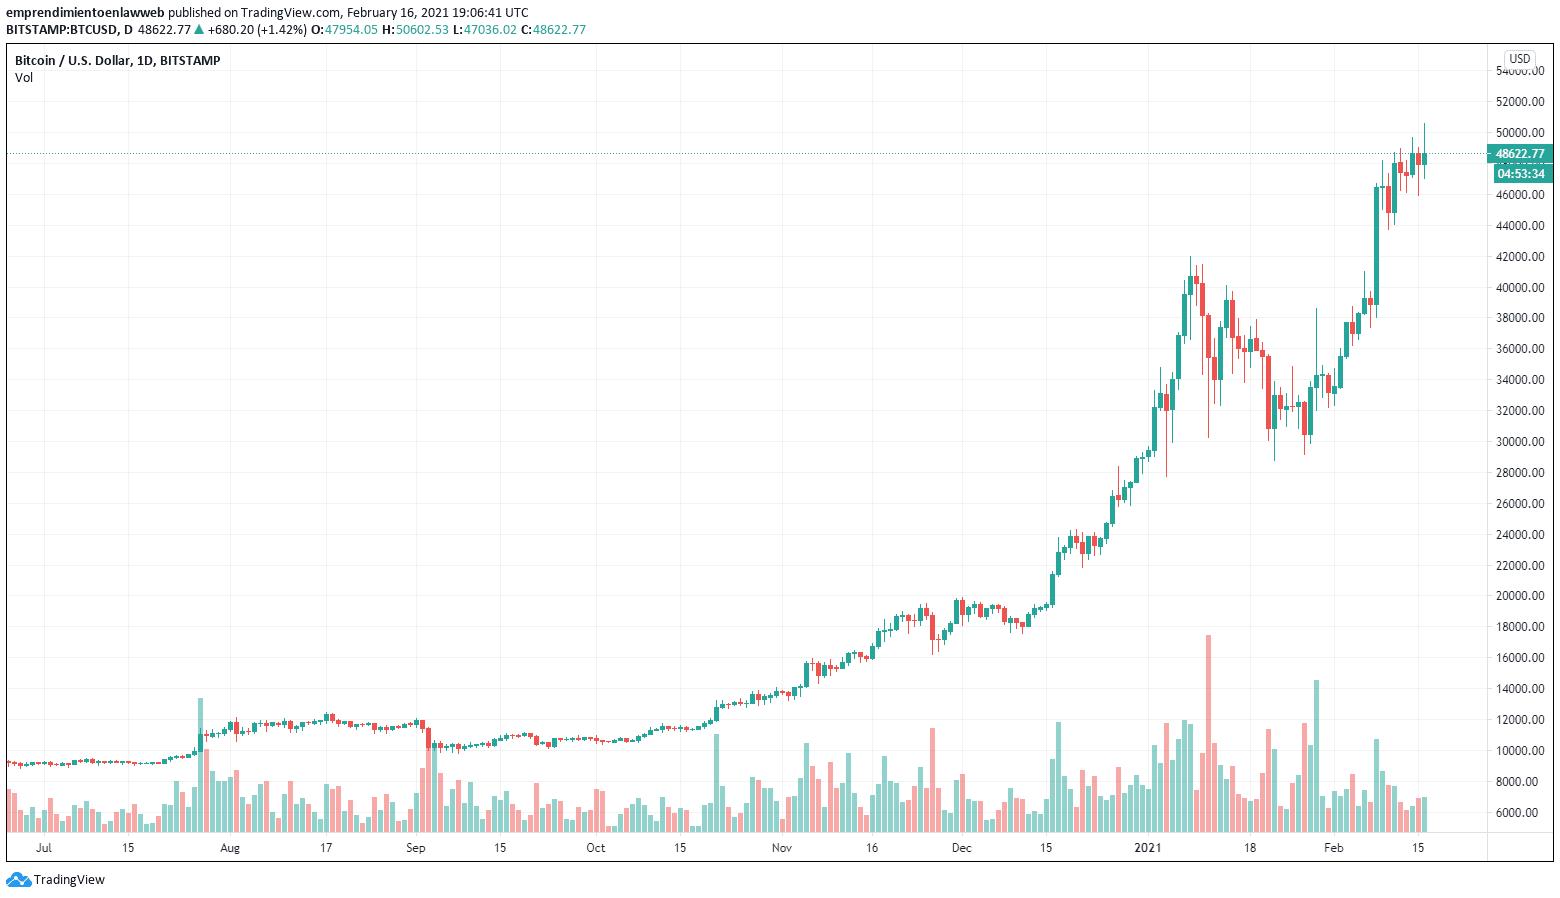 Gráfico de BTC/USD